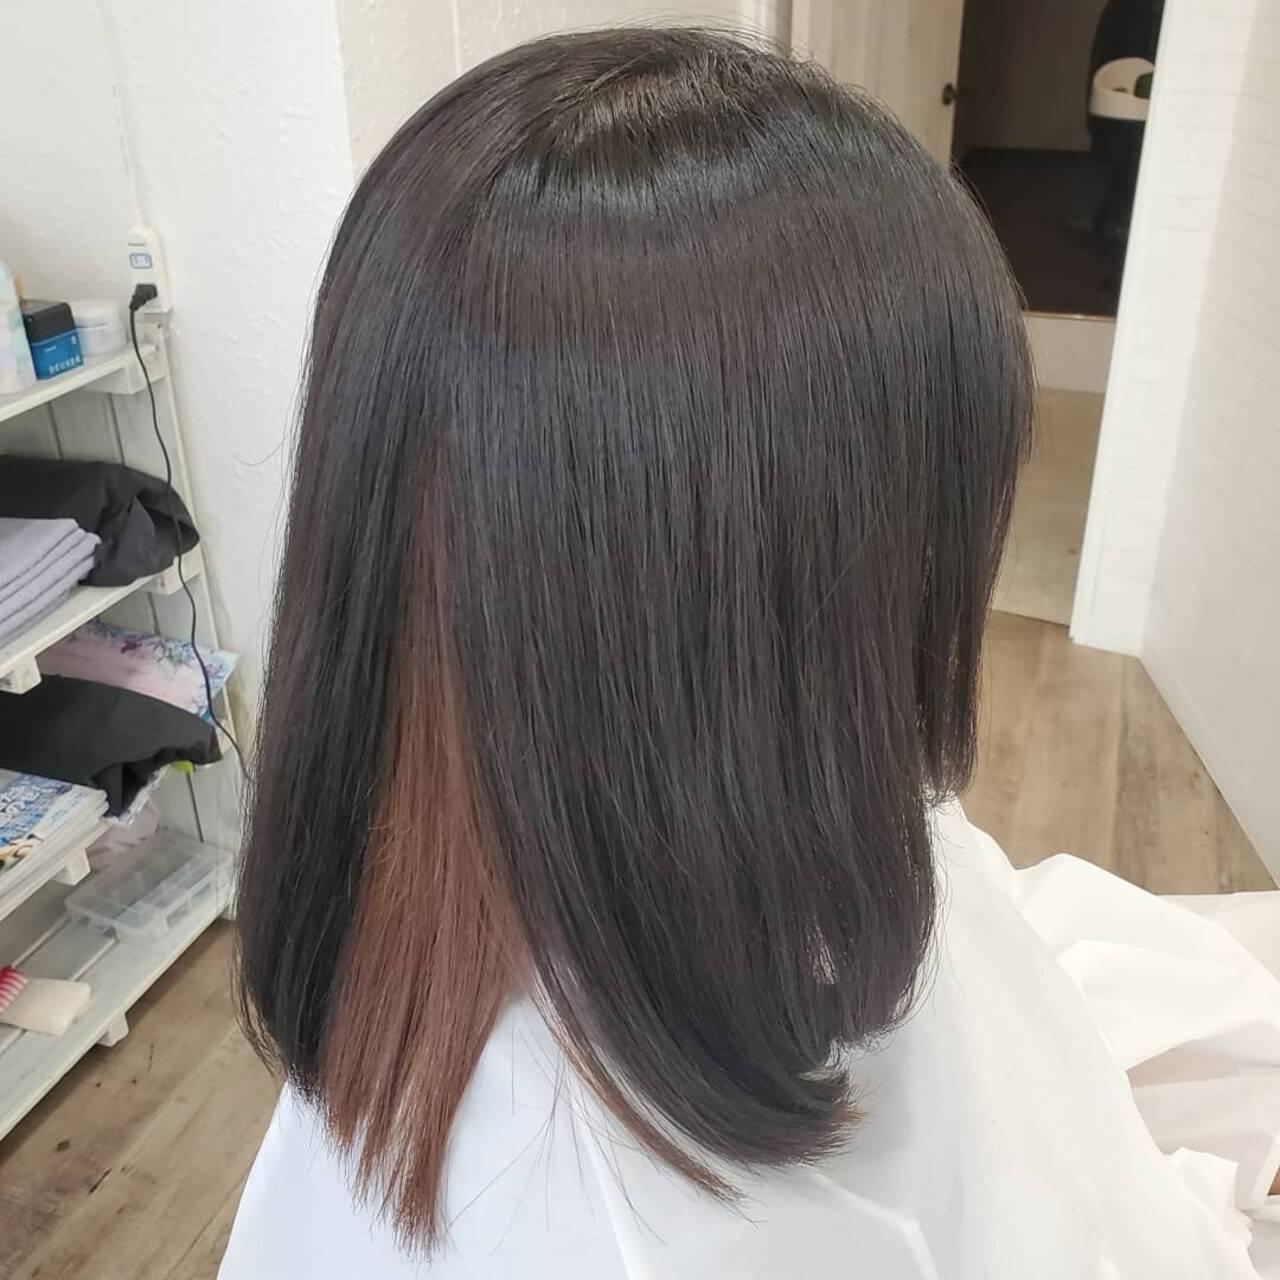 艶髪 縮毛矯正名古屋市 縮毛矯正 縮毛矯正ストカールヘアスタイルや髪型の写真・画像